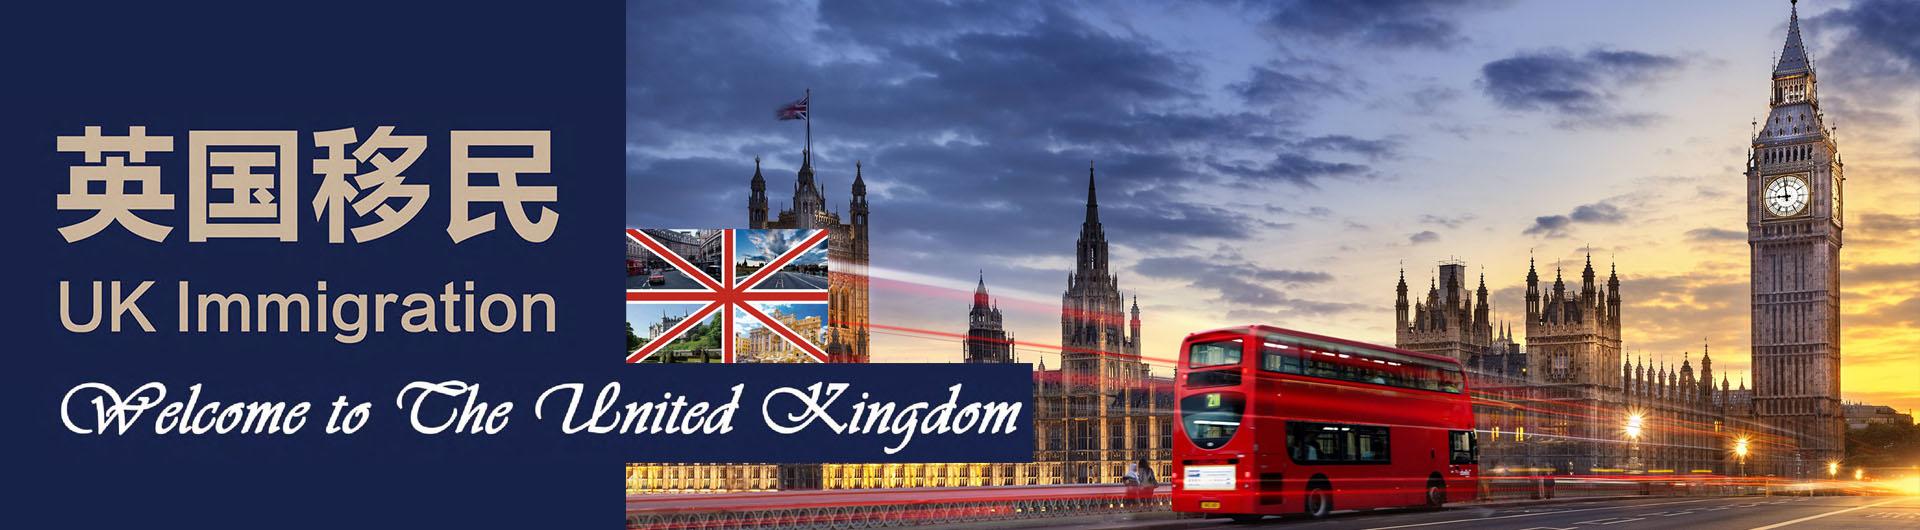 英国移民UKImmigration